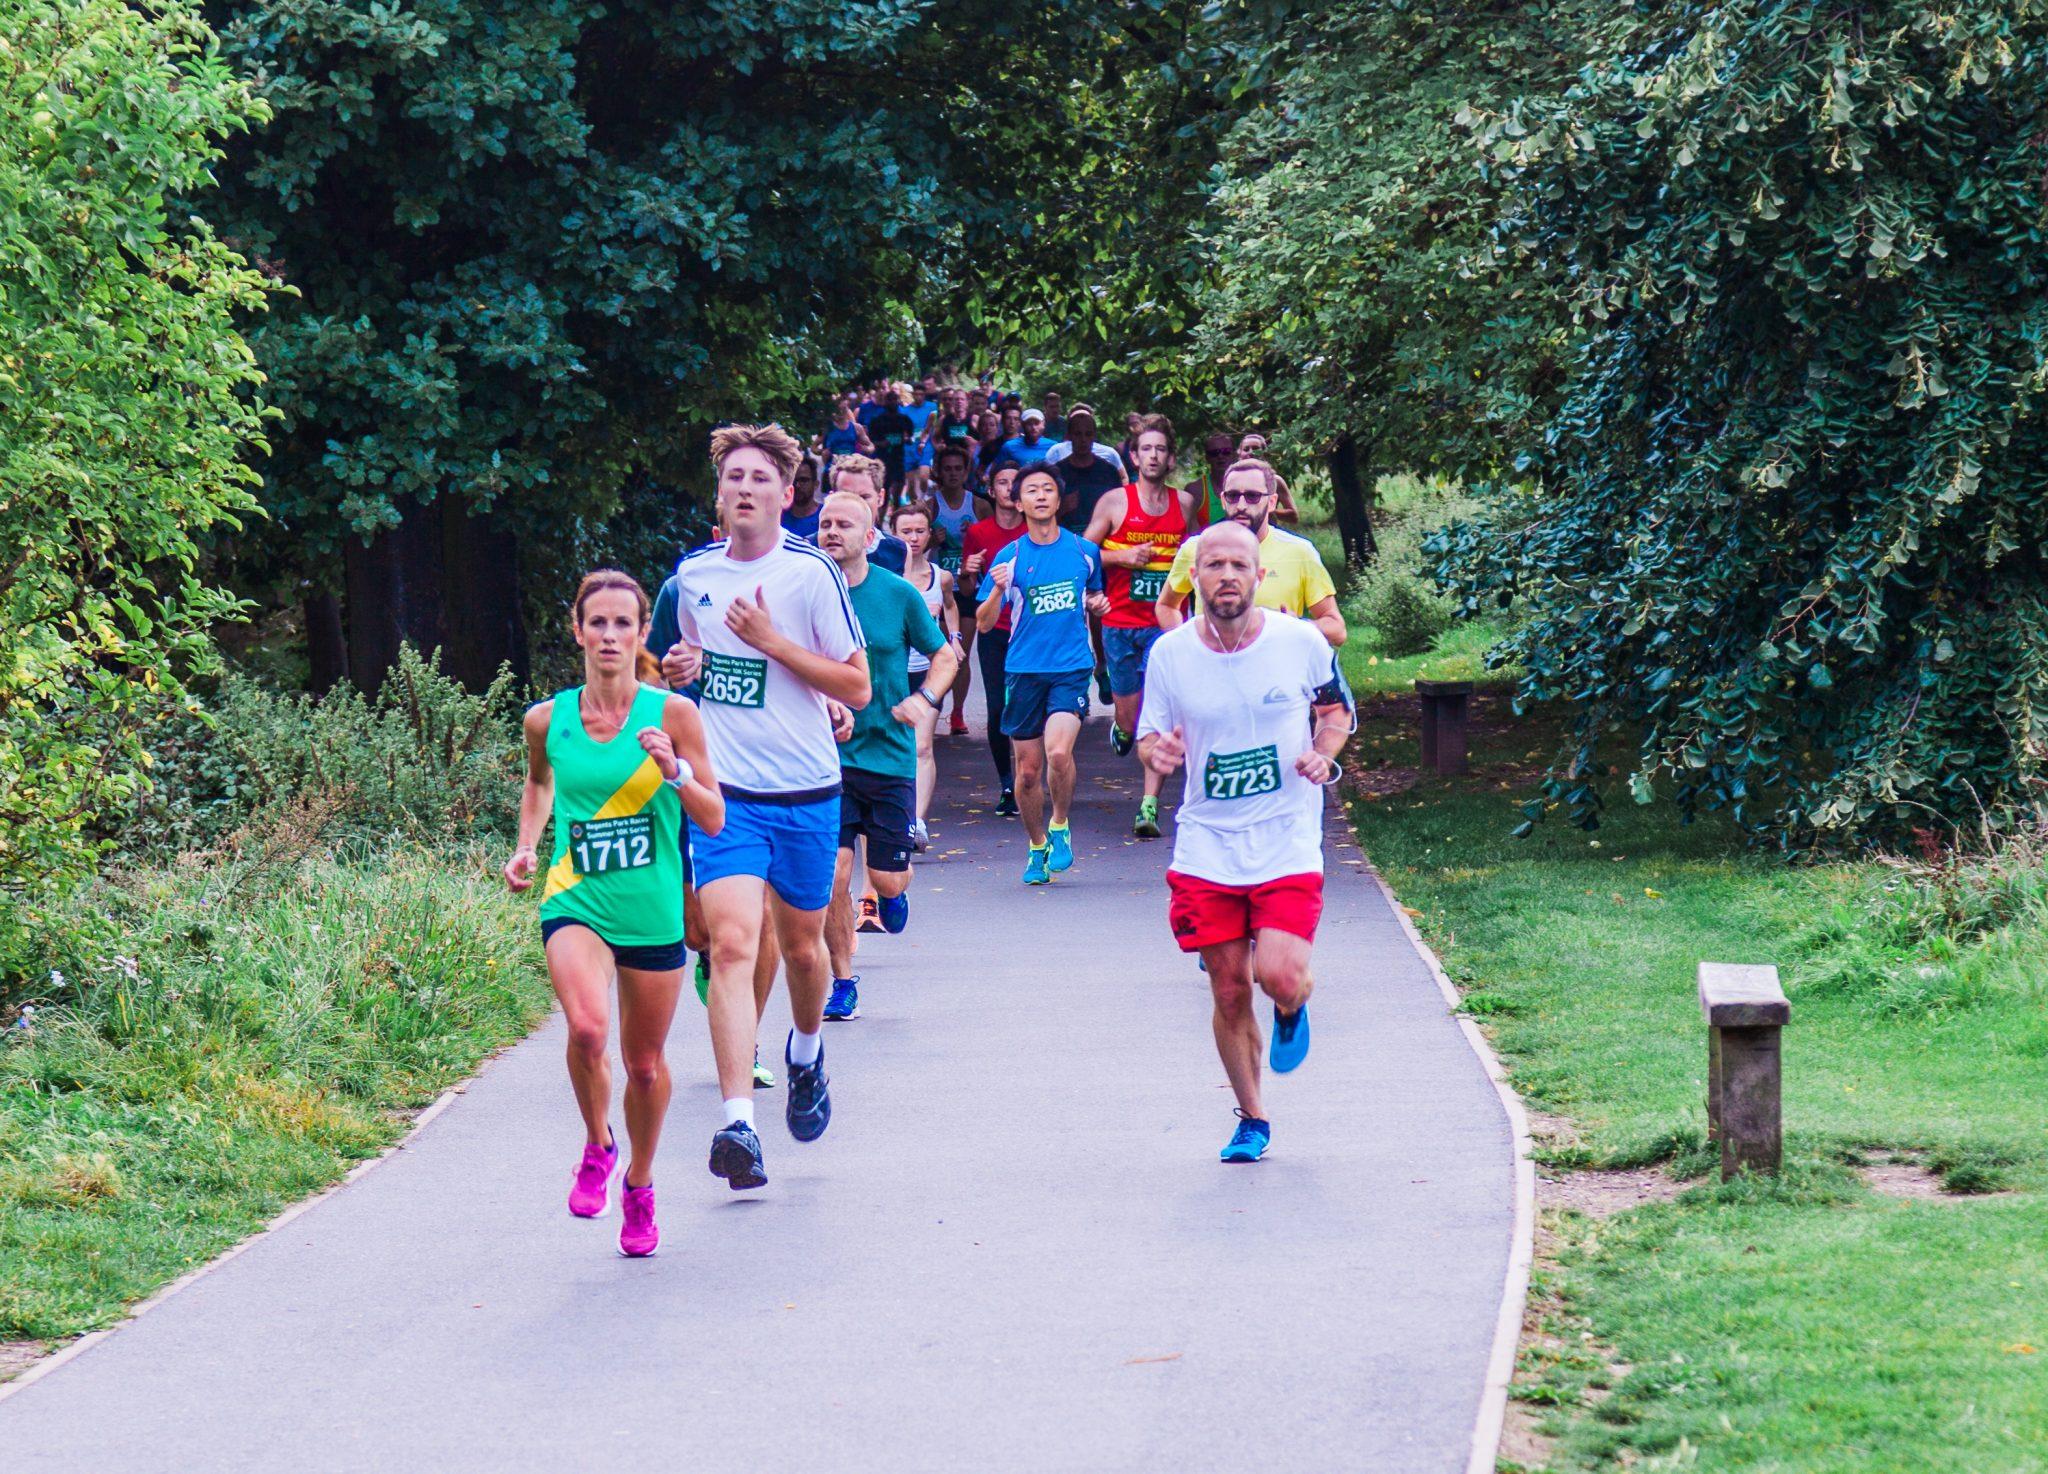 059 Regents Park Races 03.09.17